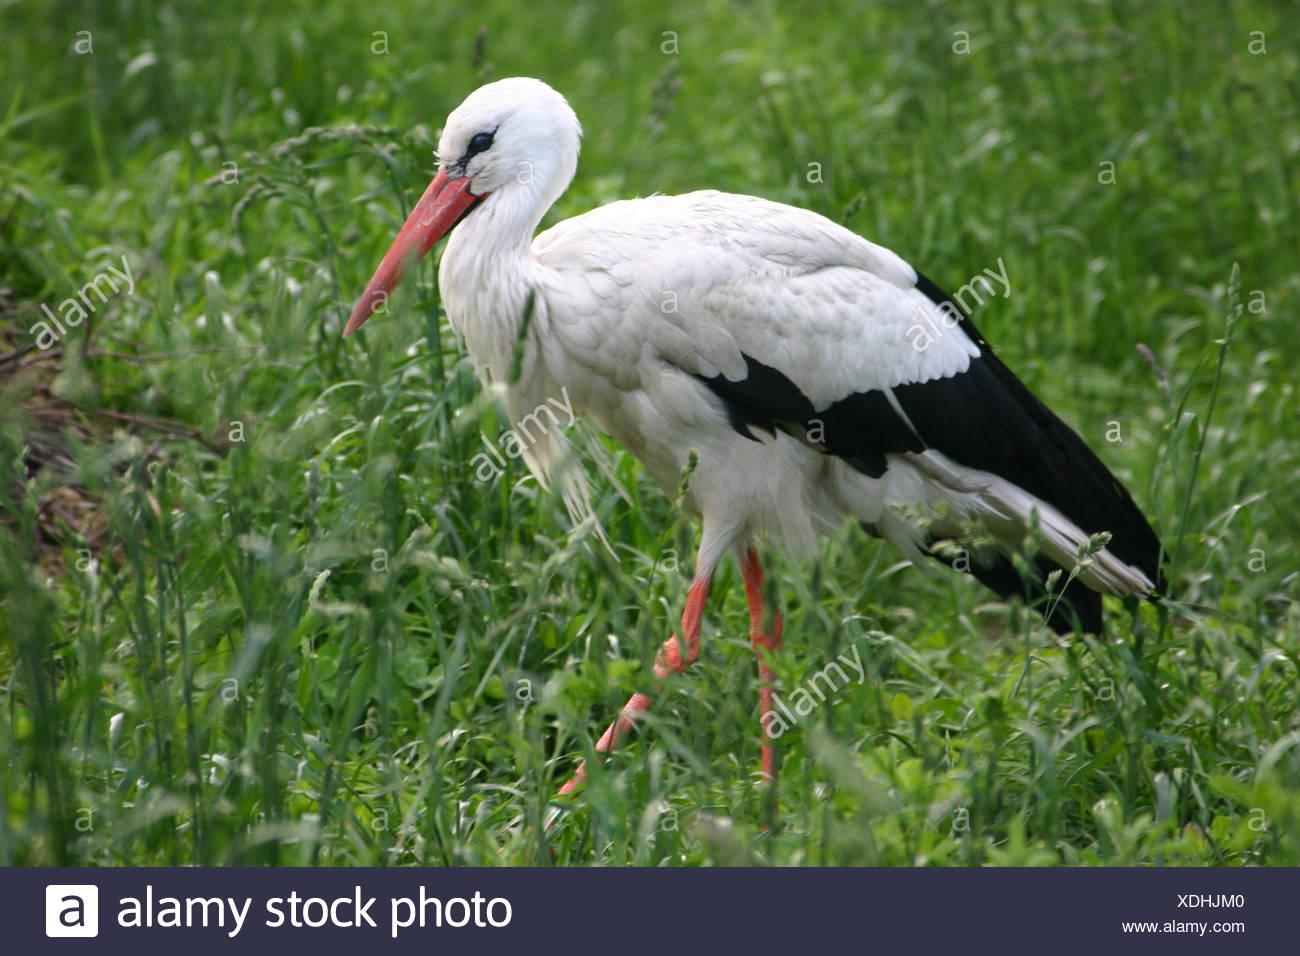 animal bird field Stock Photo